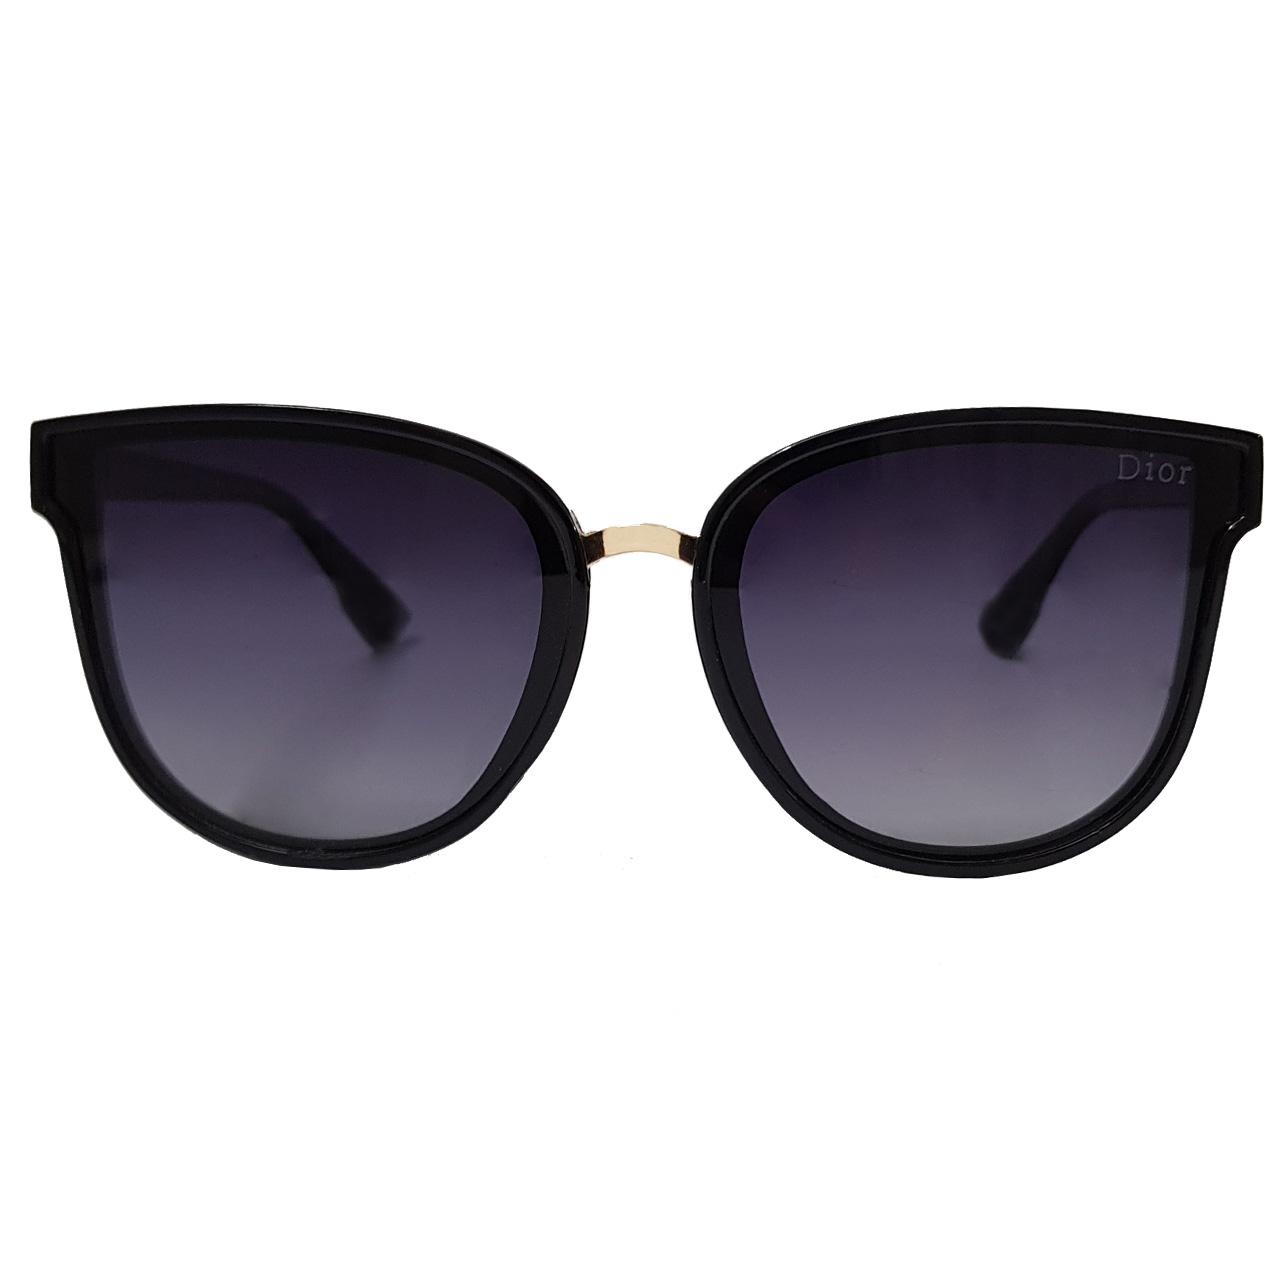 عینک آفتابی زنانه دیور کد 3030D1